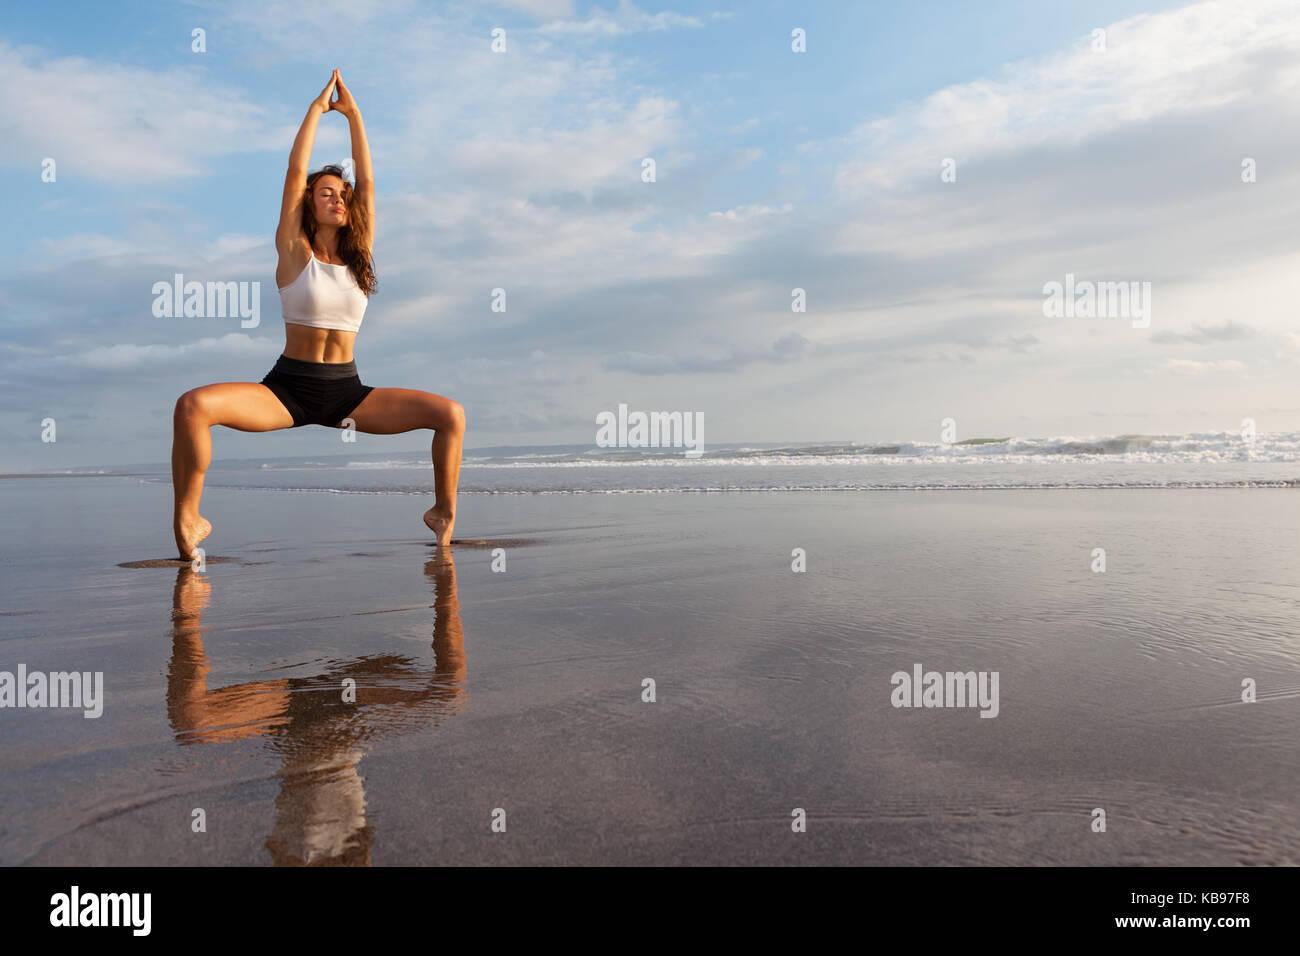 La meditación sobre el fondo del cielo al atardecer. joven mujer activa en pose de yoga en la playa, extendiéndose Imagen De Stock